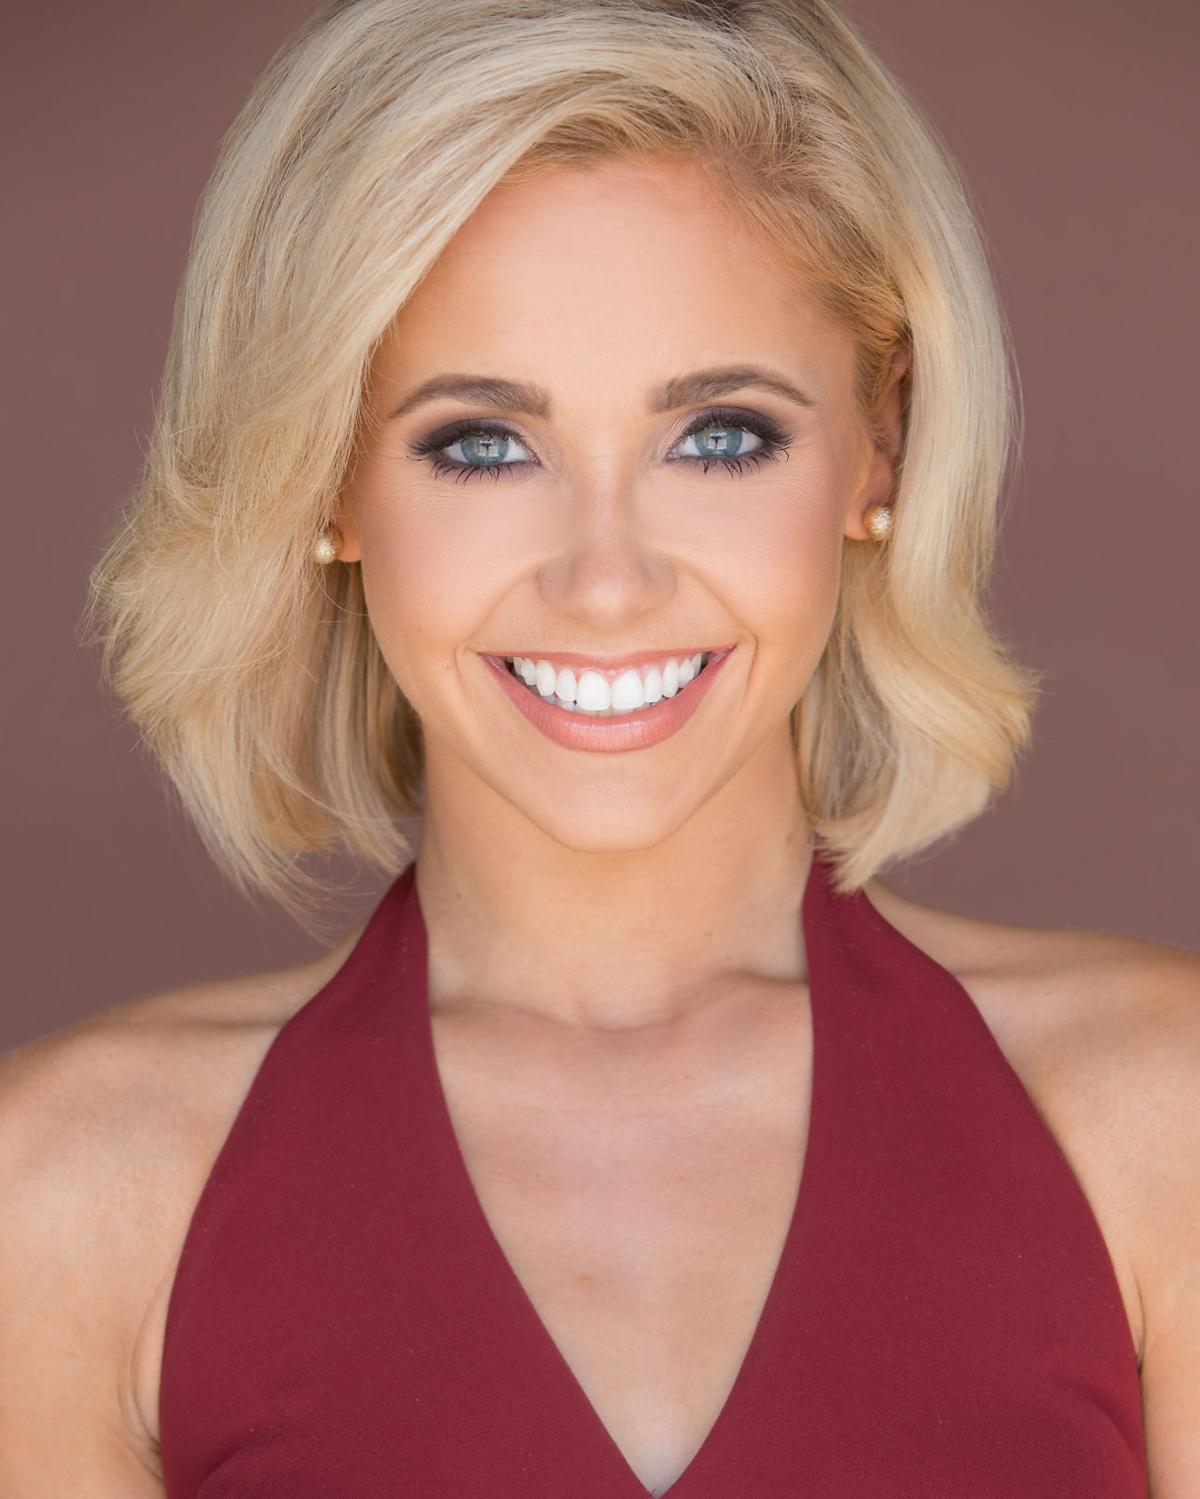 Miss South Carolina 2017 Suzi Roberts